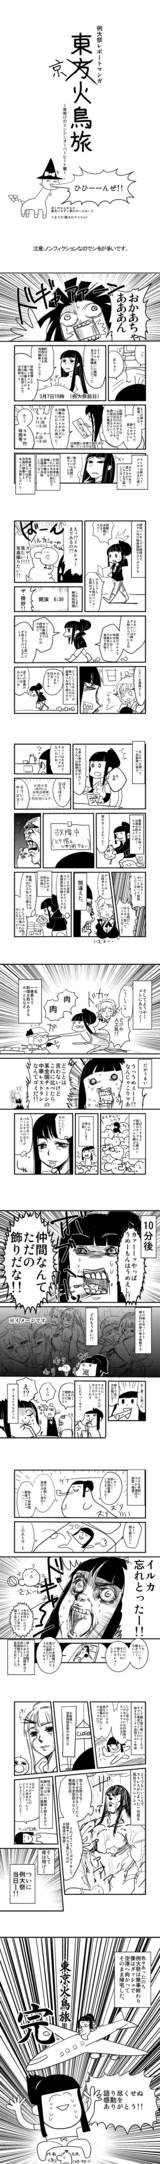 東京火鳥旅〜夜明けのエンジンオーバーヒート篇〜